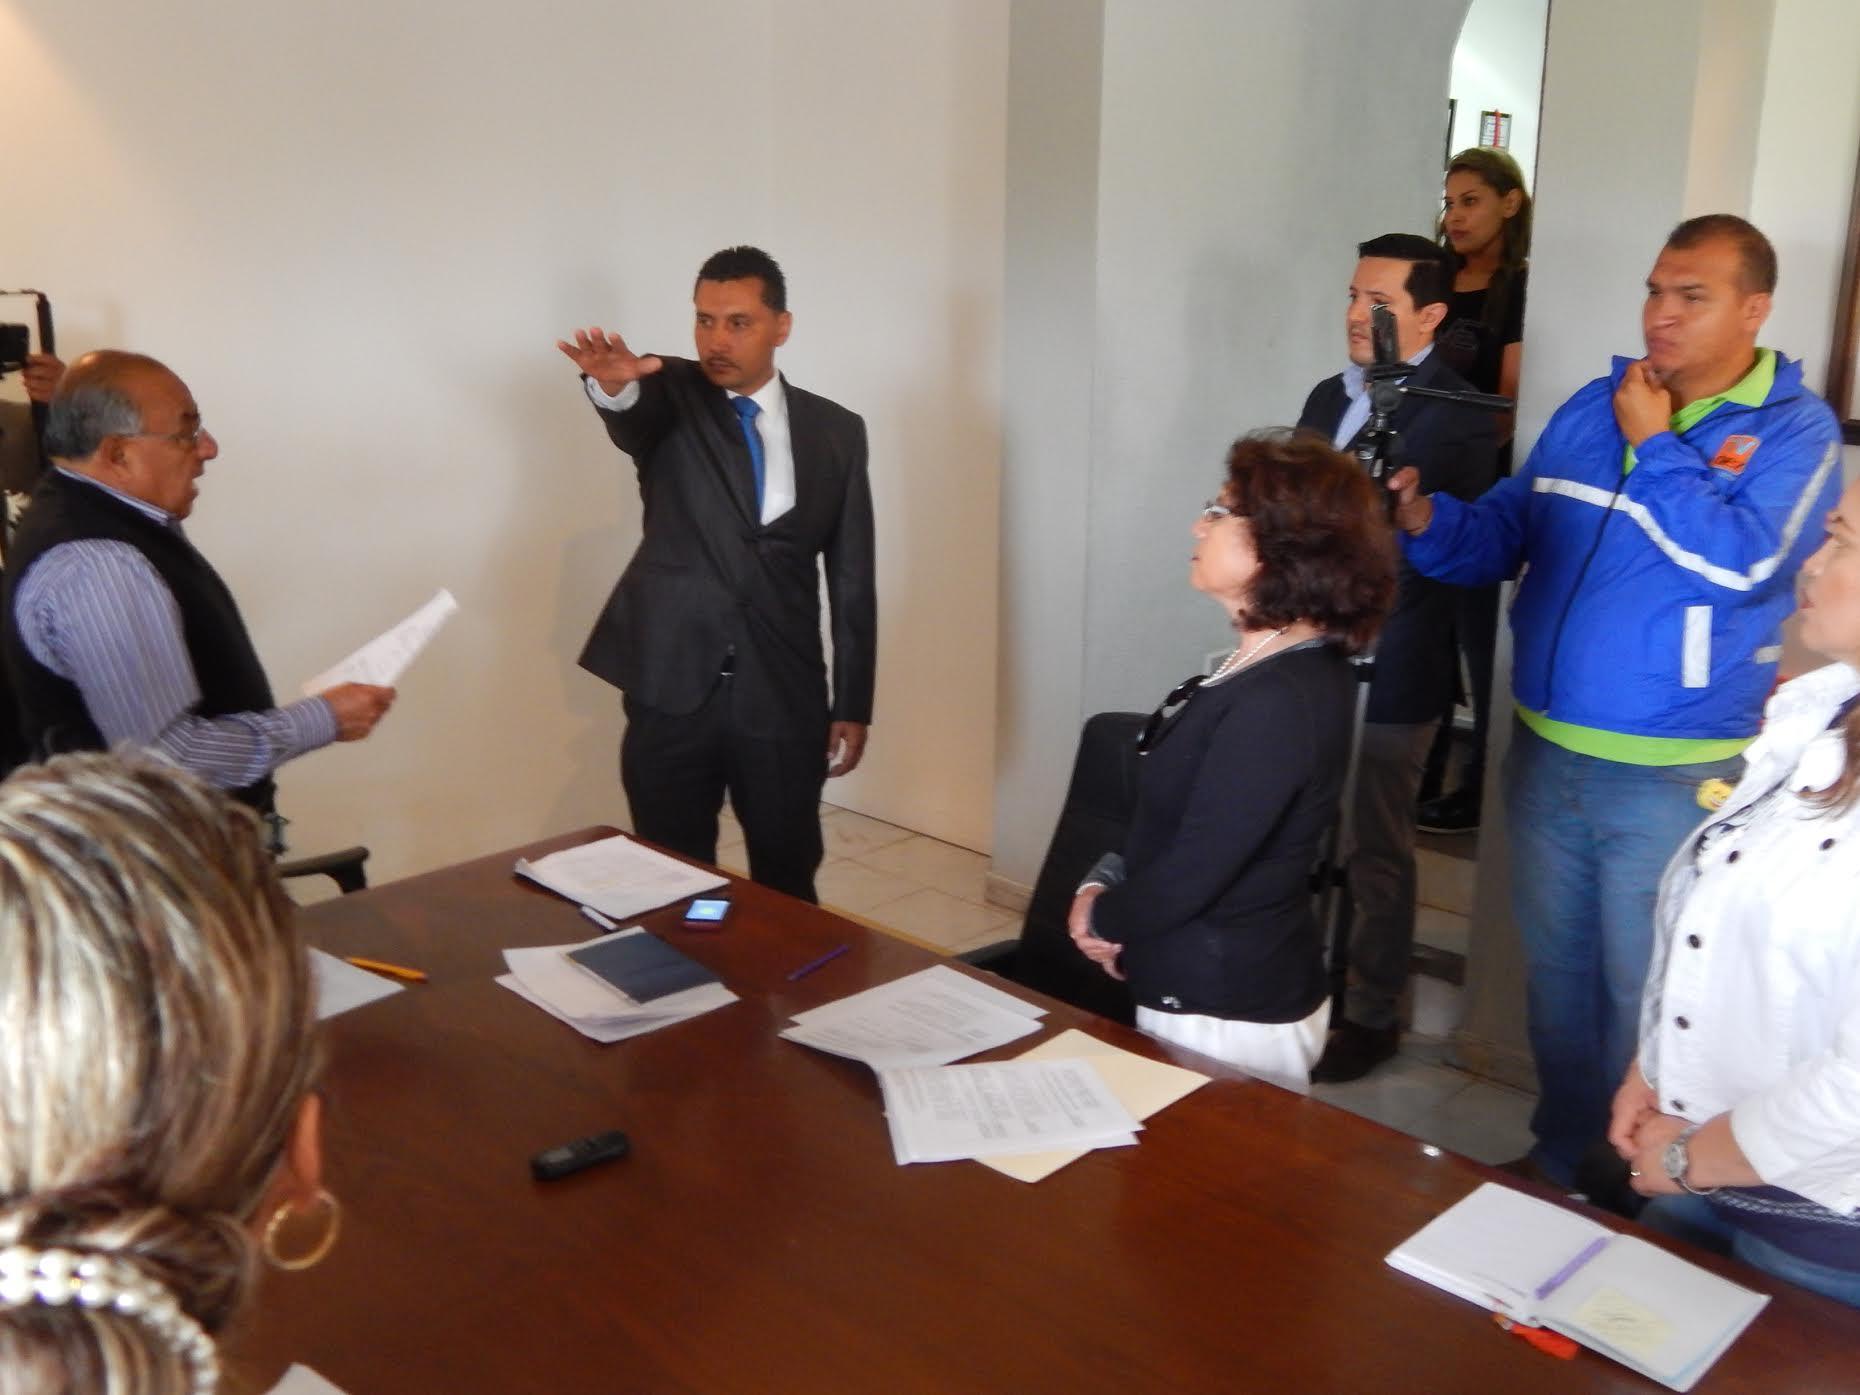 Dentro de la sesión se presentó al propuesto, quien es Licenciado en Negocios Internacionales, tesorero municipal en la administración 2006-2009 y fue presidente municipal constitucional, en el periodo 2009-2012